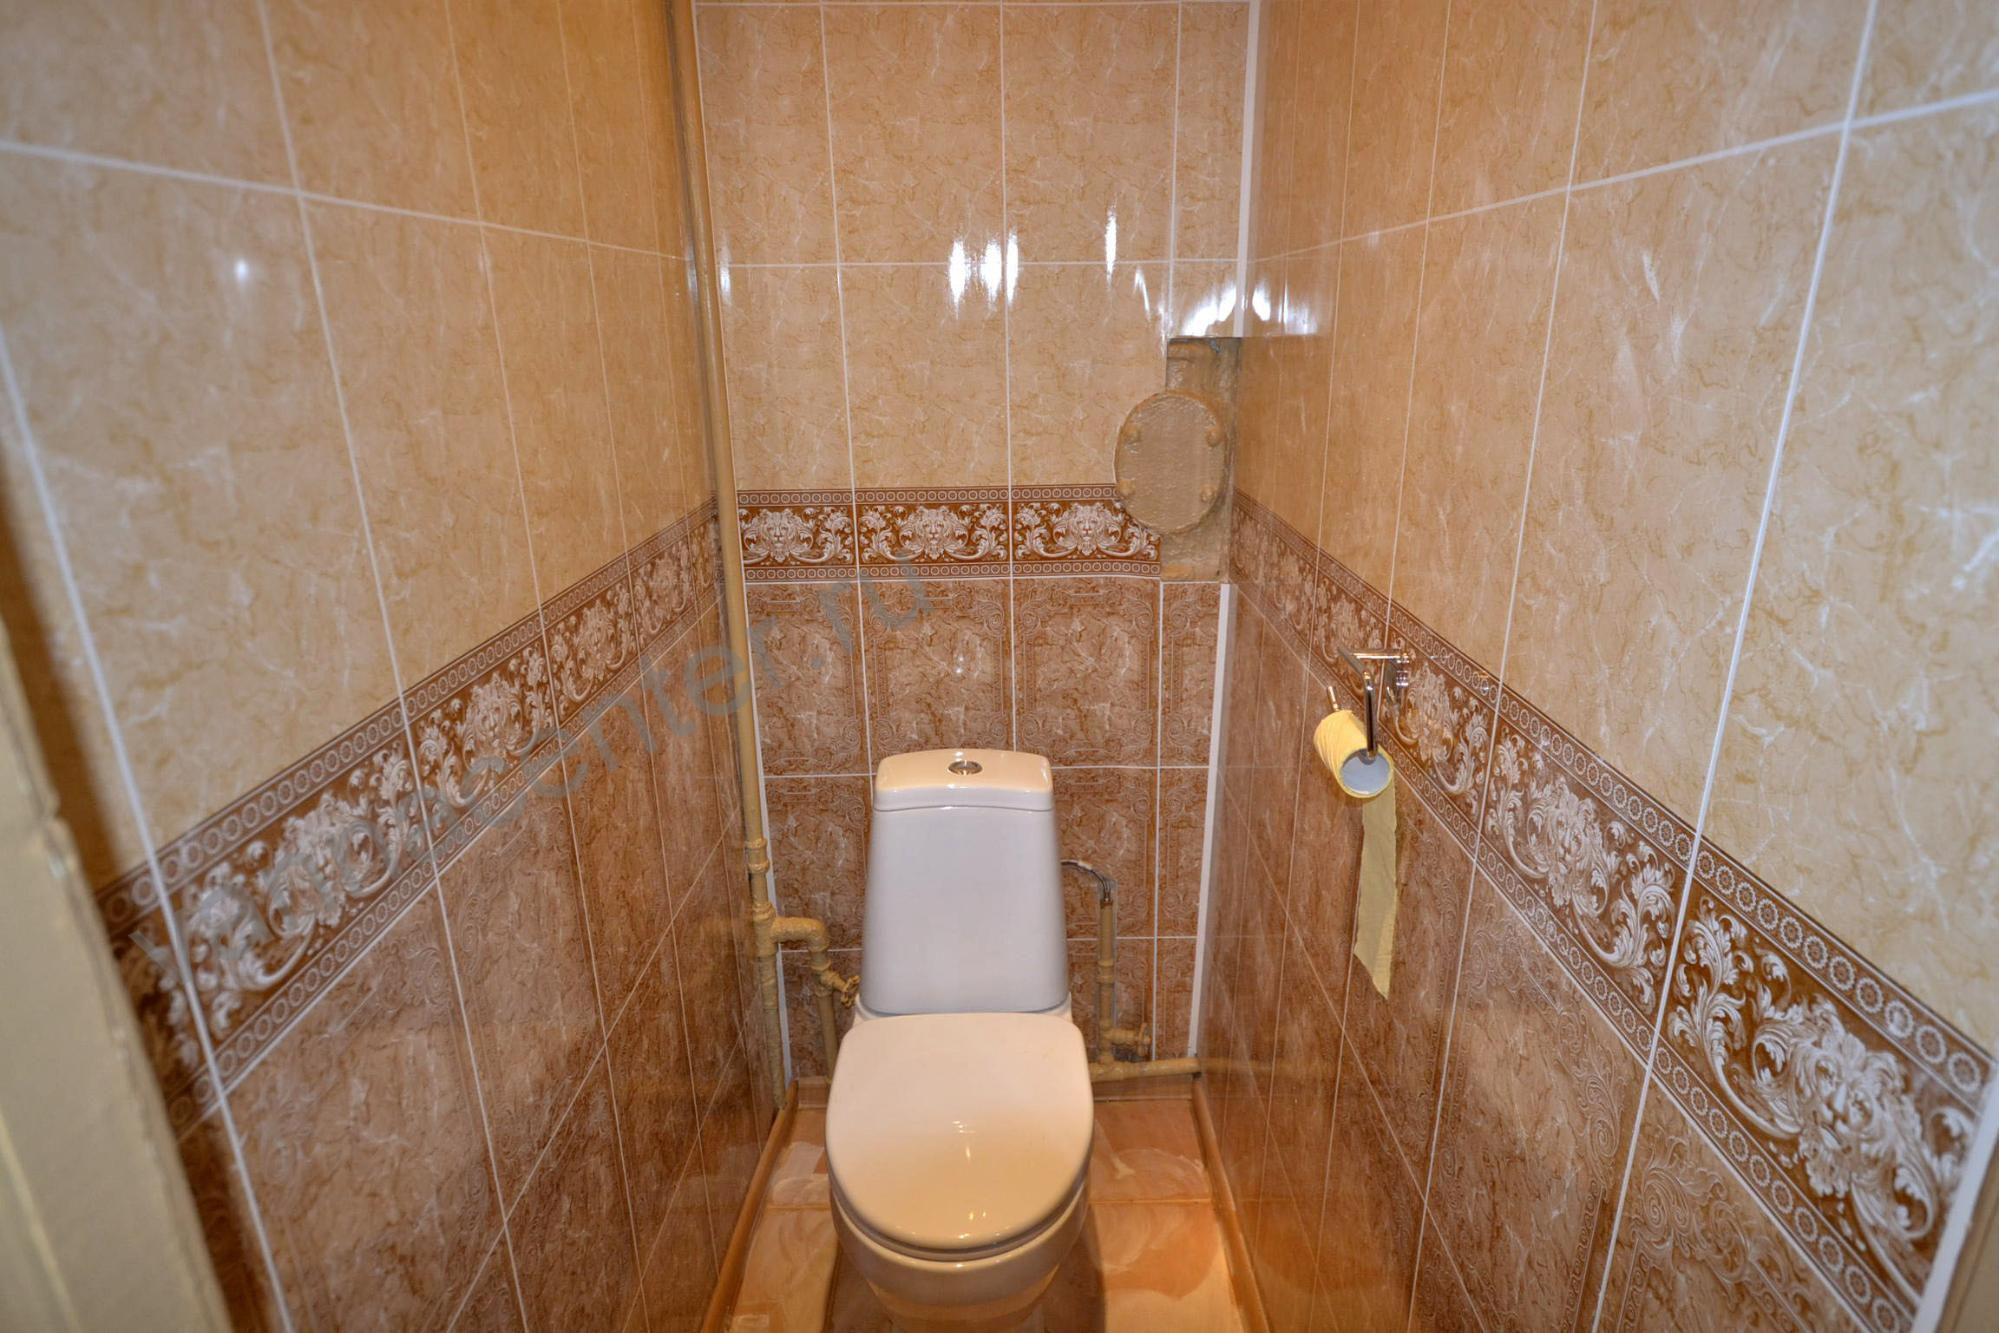 Ремонт туалета пластиковыми панелями в квартире фото